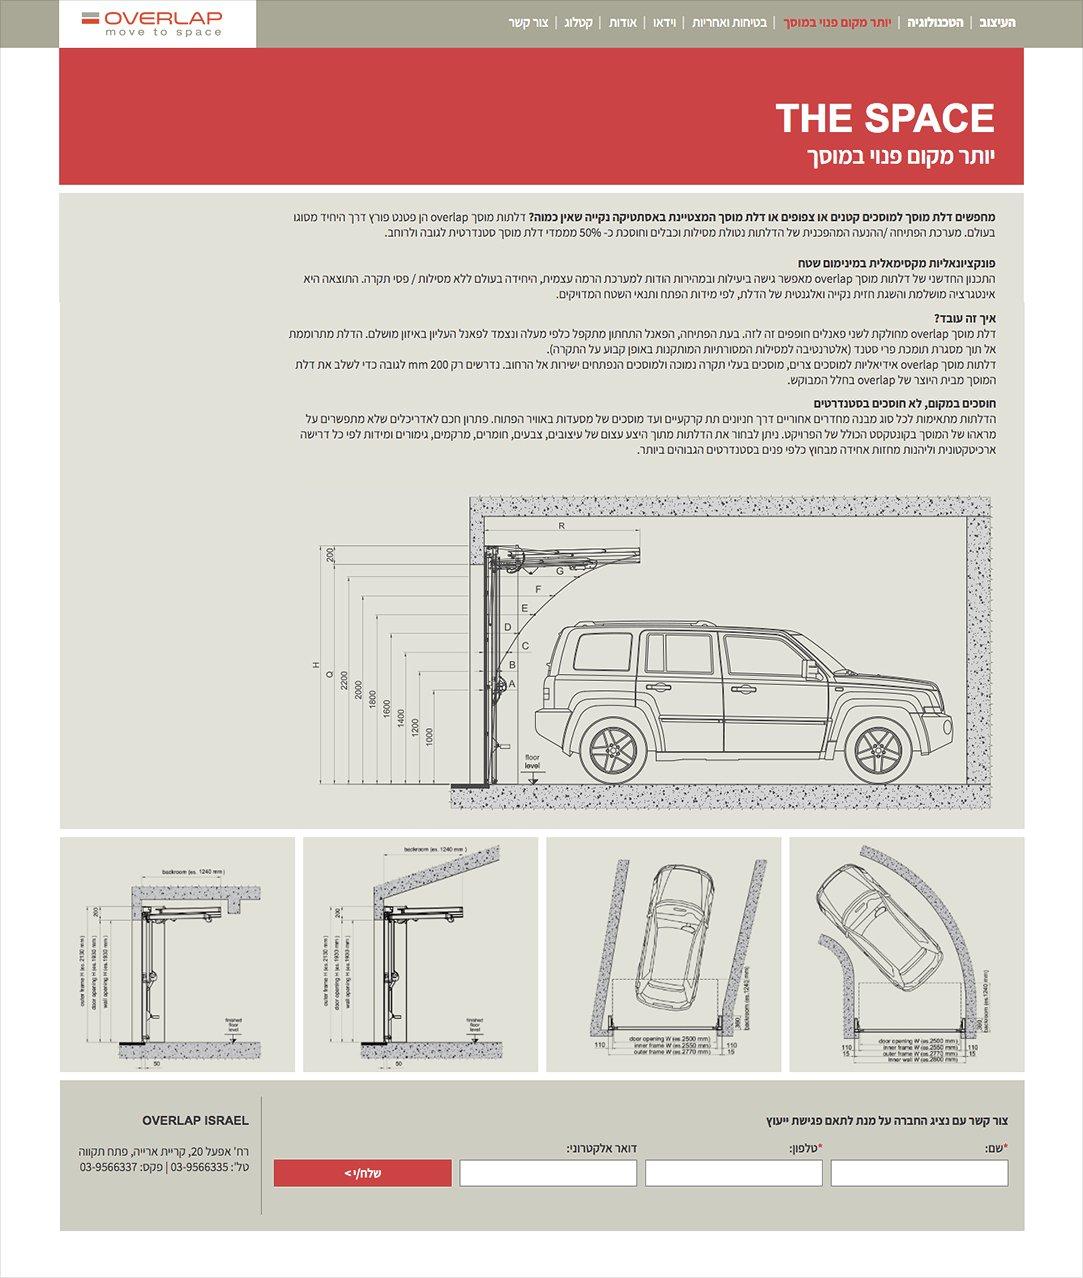 עיצוב אתרים - איפיון עמוד תוכן באתר